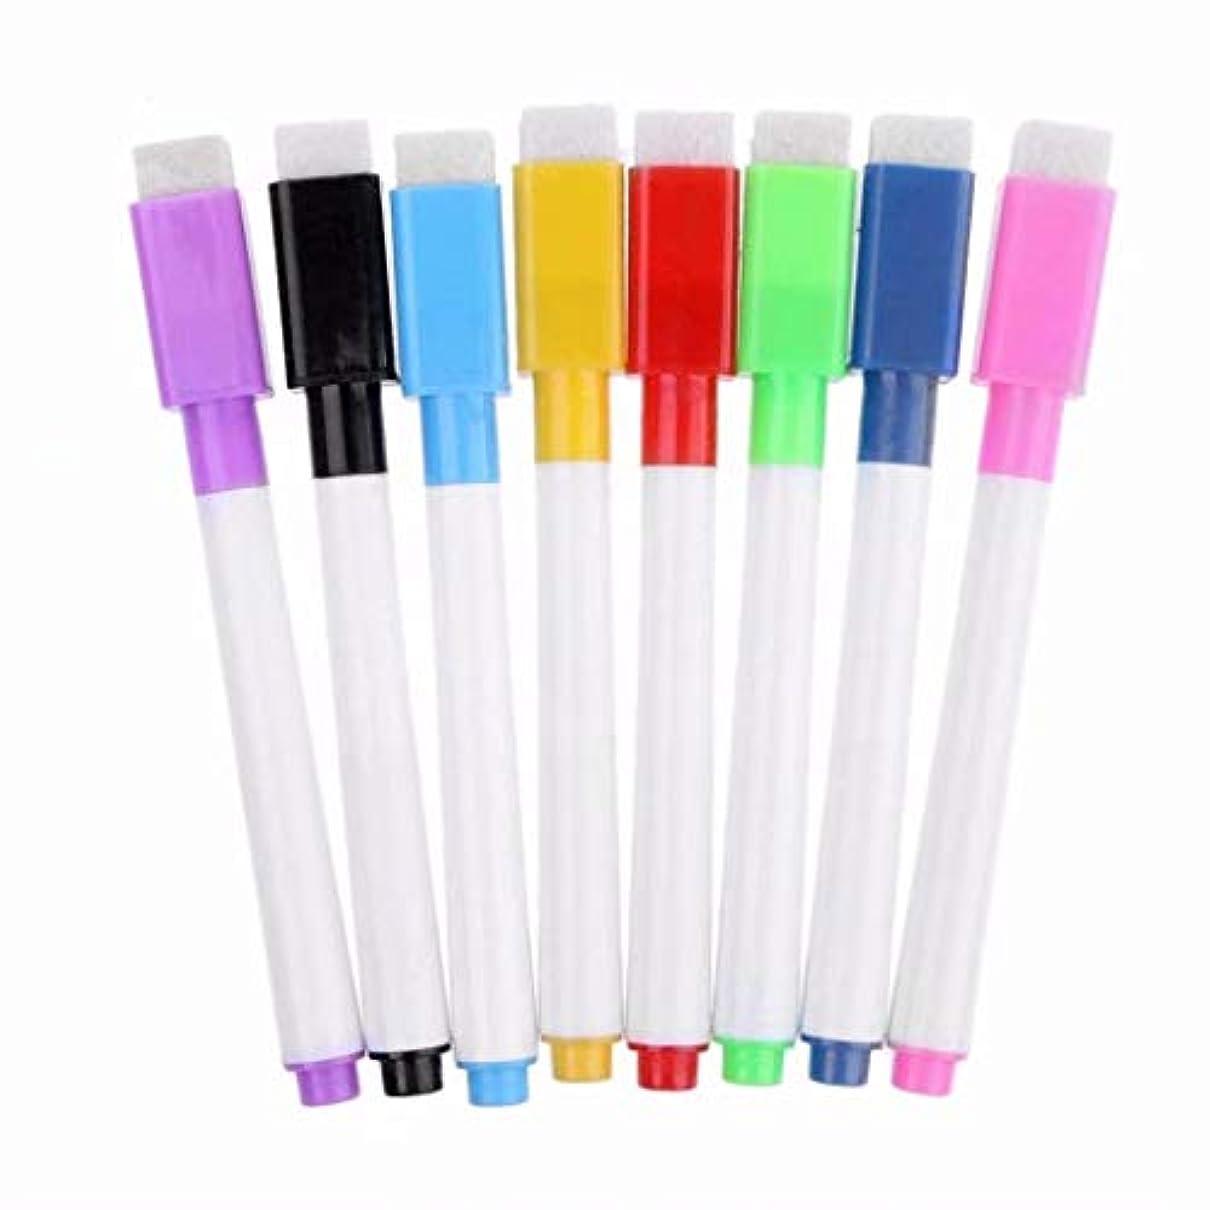 パワーモンスターそして七里の香 磁気ホワイトボードペン消去可能なドライホワイトボードマーカーマグネットは、 イレーザー 学校教育事務用品 8個セット